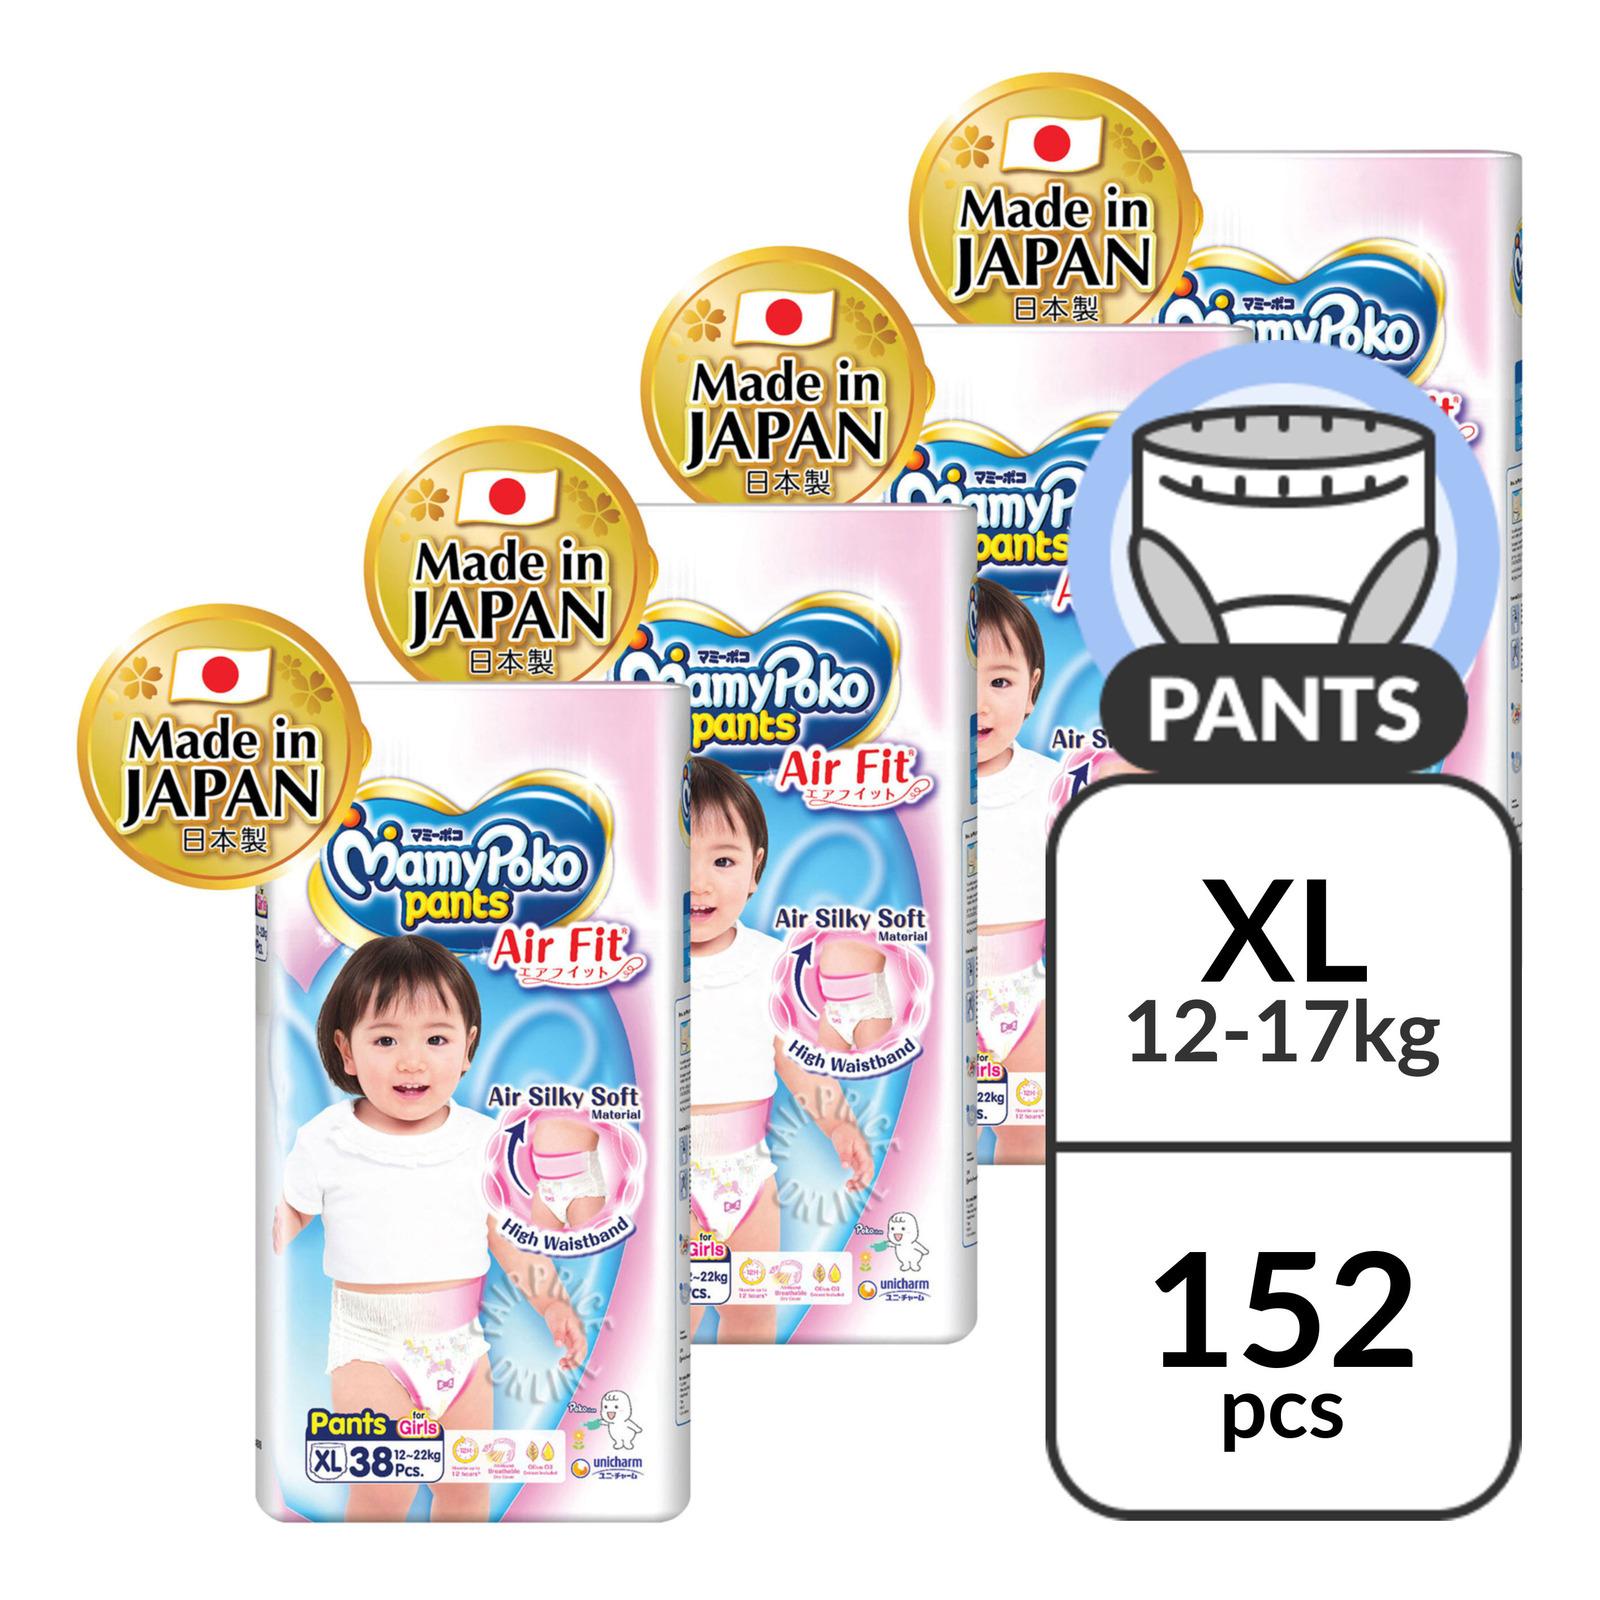 MamyPoko Air Fit Girl Pants - XL (12 - 17kg)